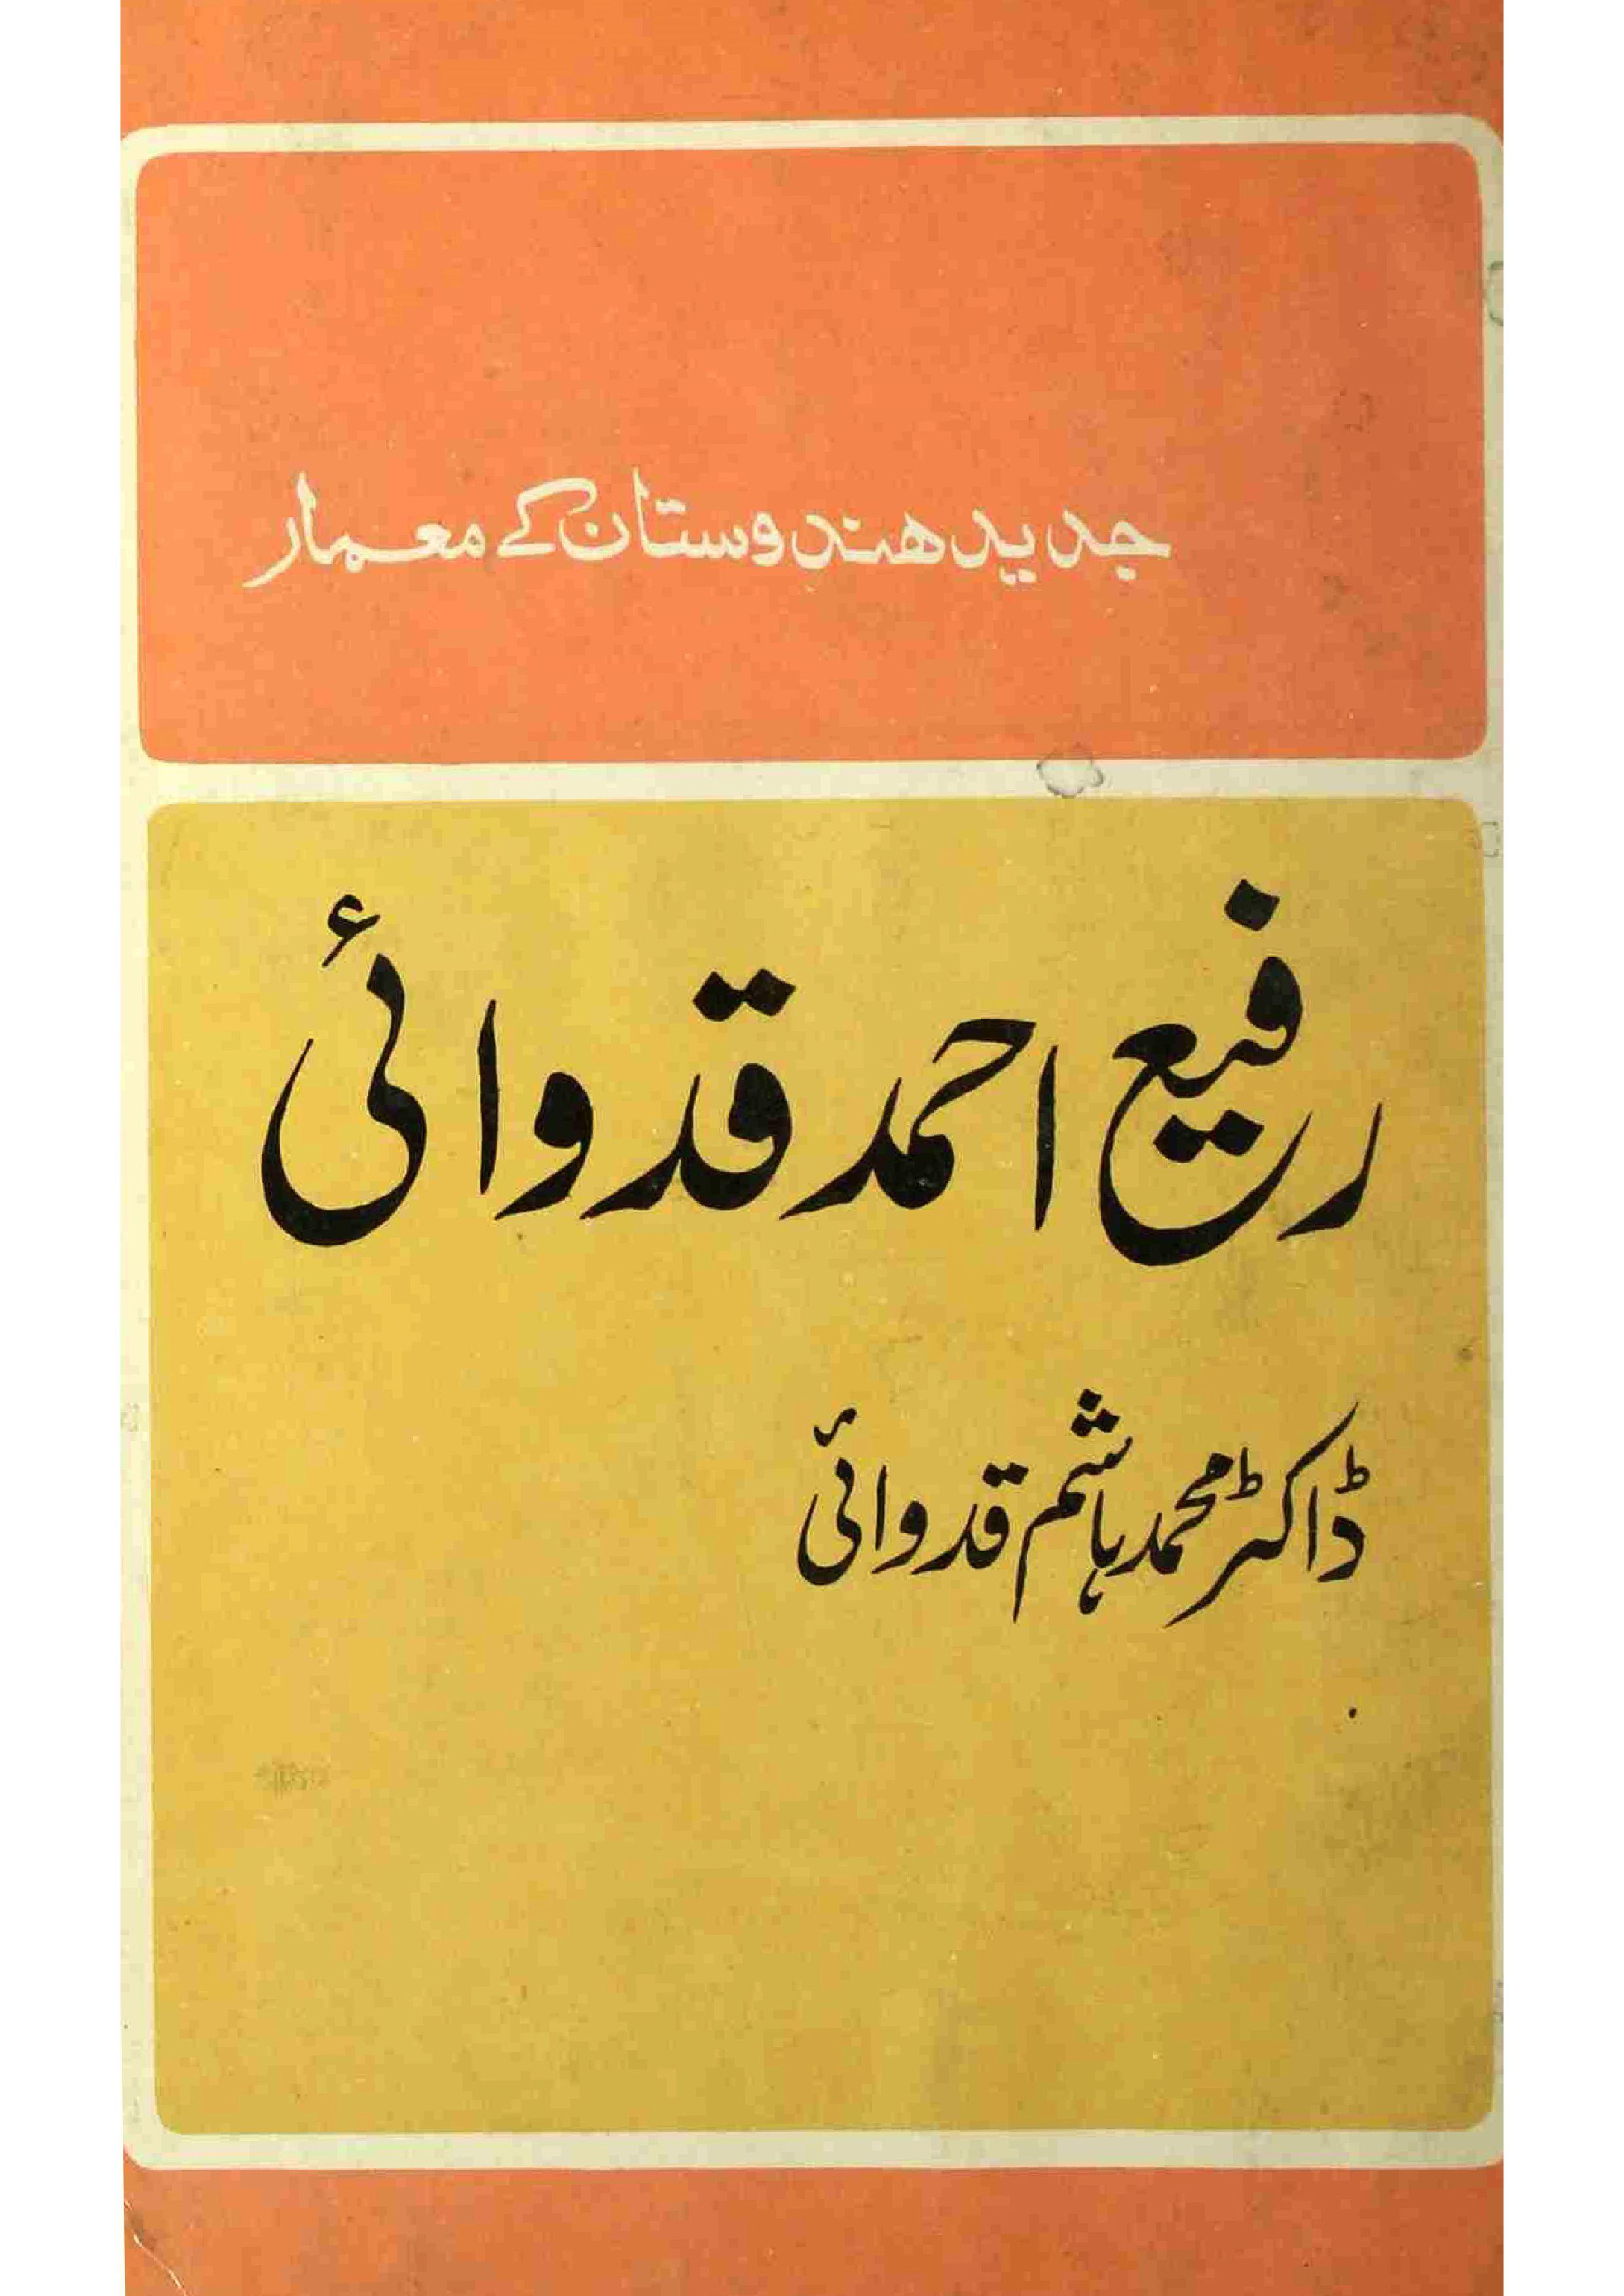 Rafi Ahmad Qidwai